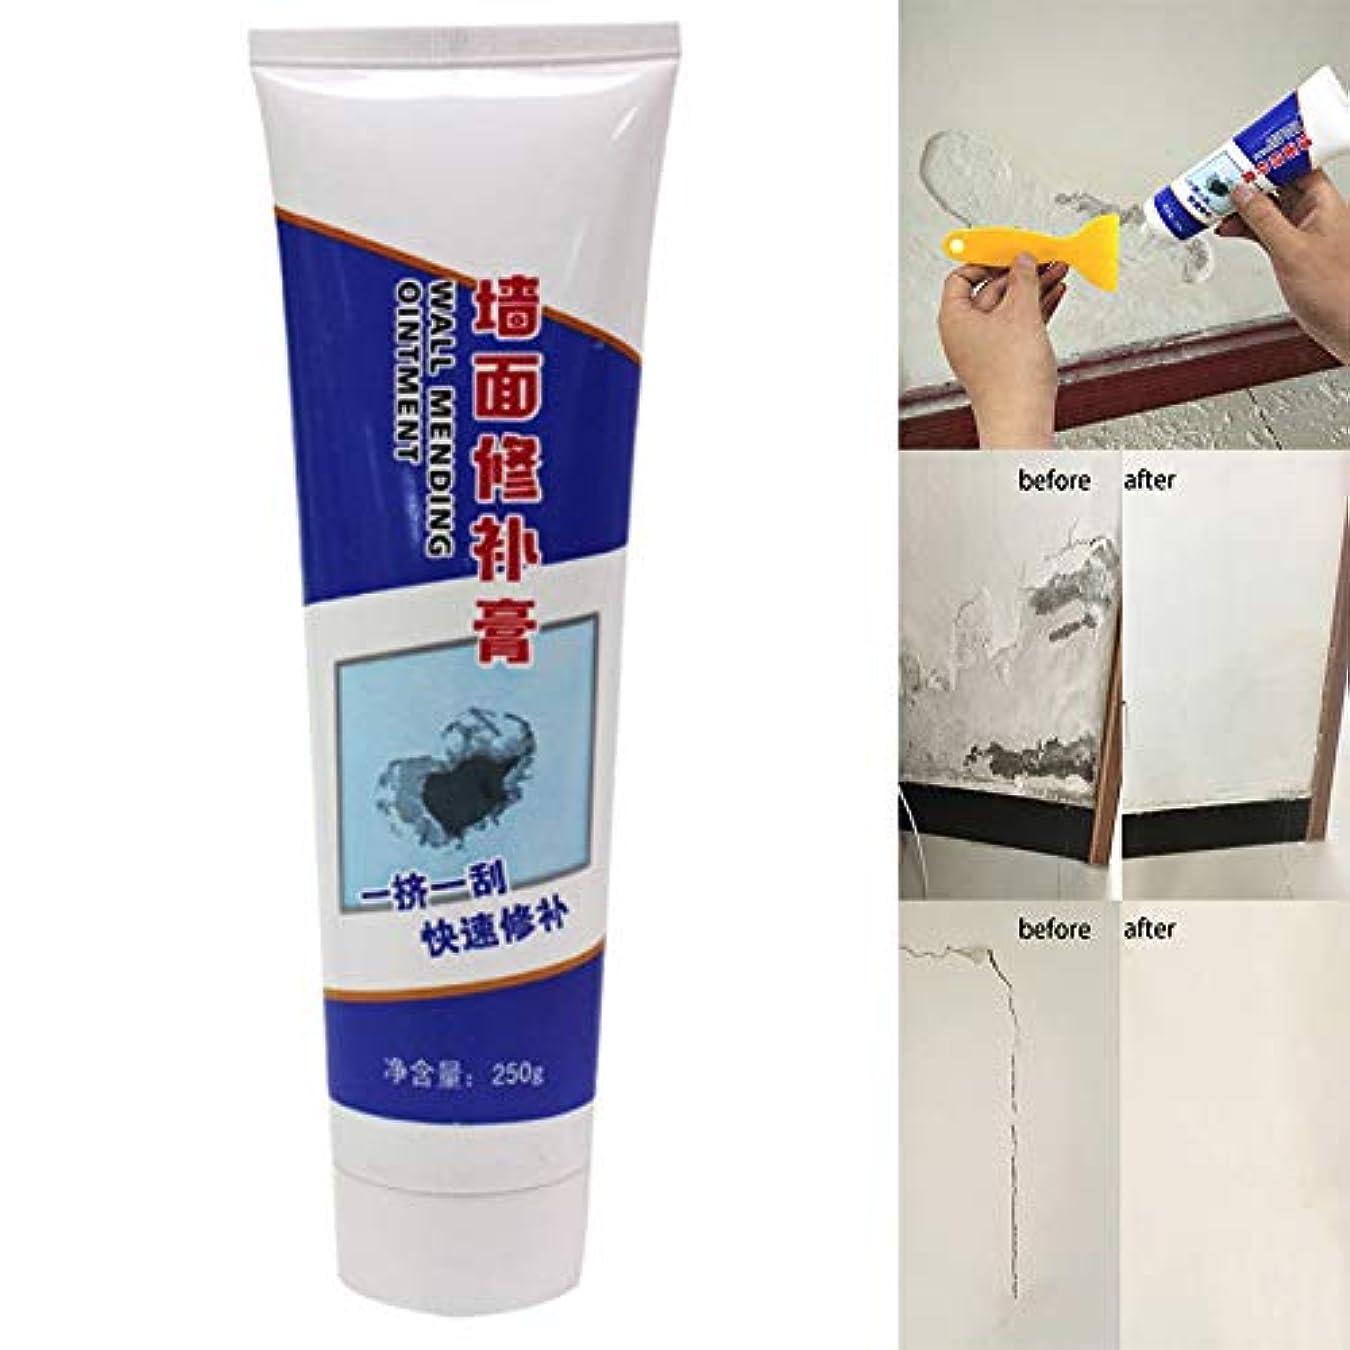 出血凍結責任Aylincool壁修理クリーム、壁亀裂修理クリーム、ラテックスペースト防水非腐食性ホルムアルデヒドペーストラテックス